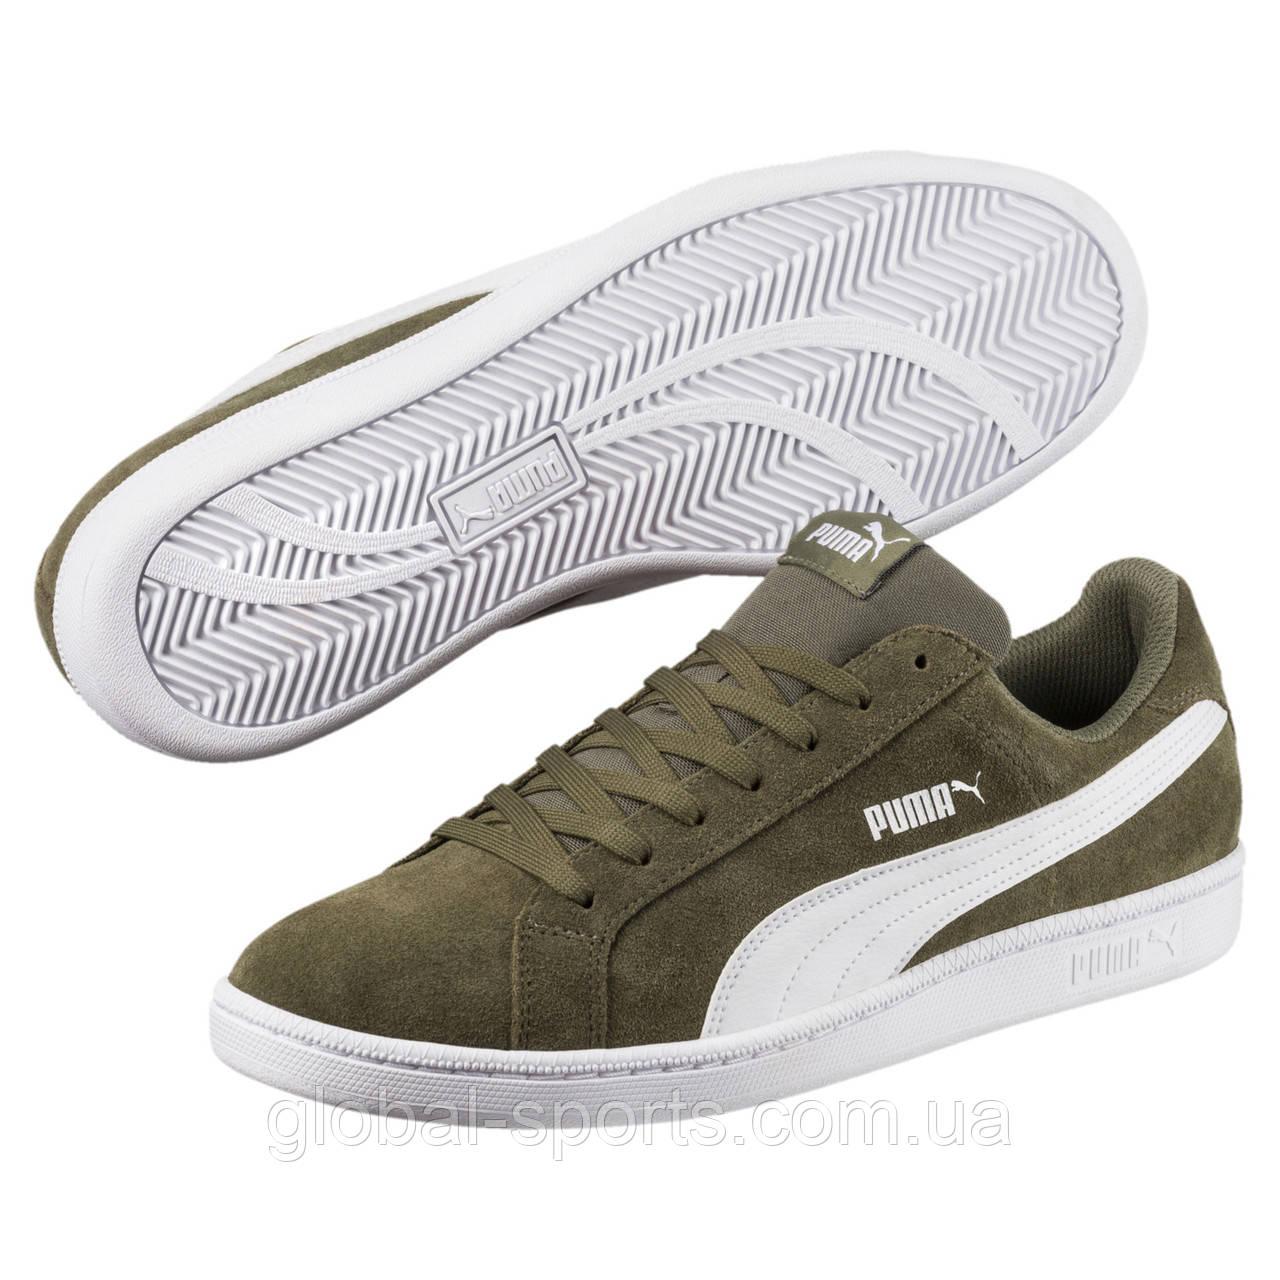 Чоловічі кросівки Puma Smash SD (Артикул: 36173021)